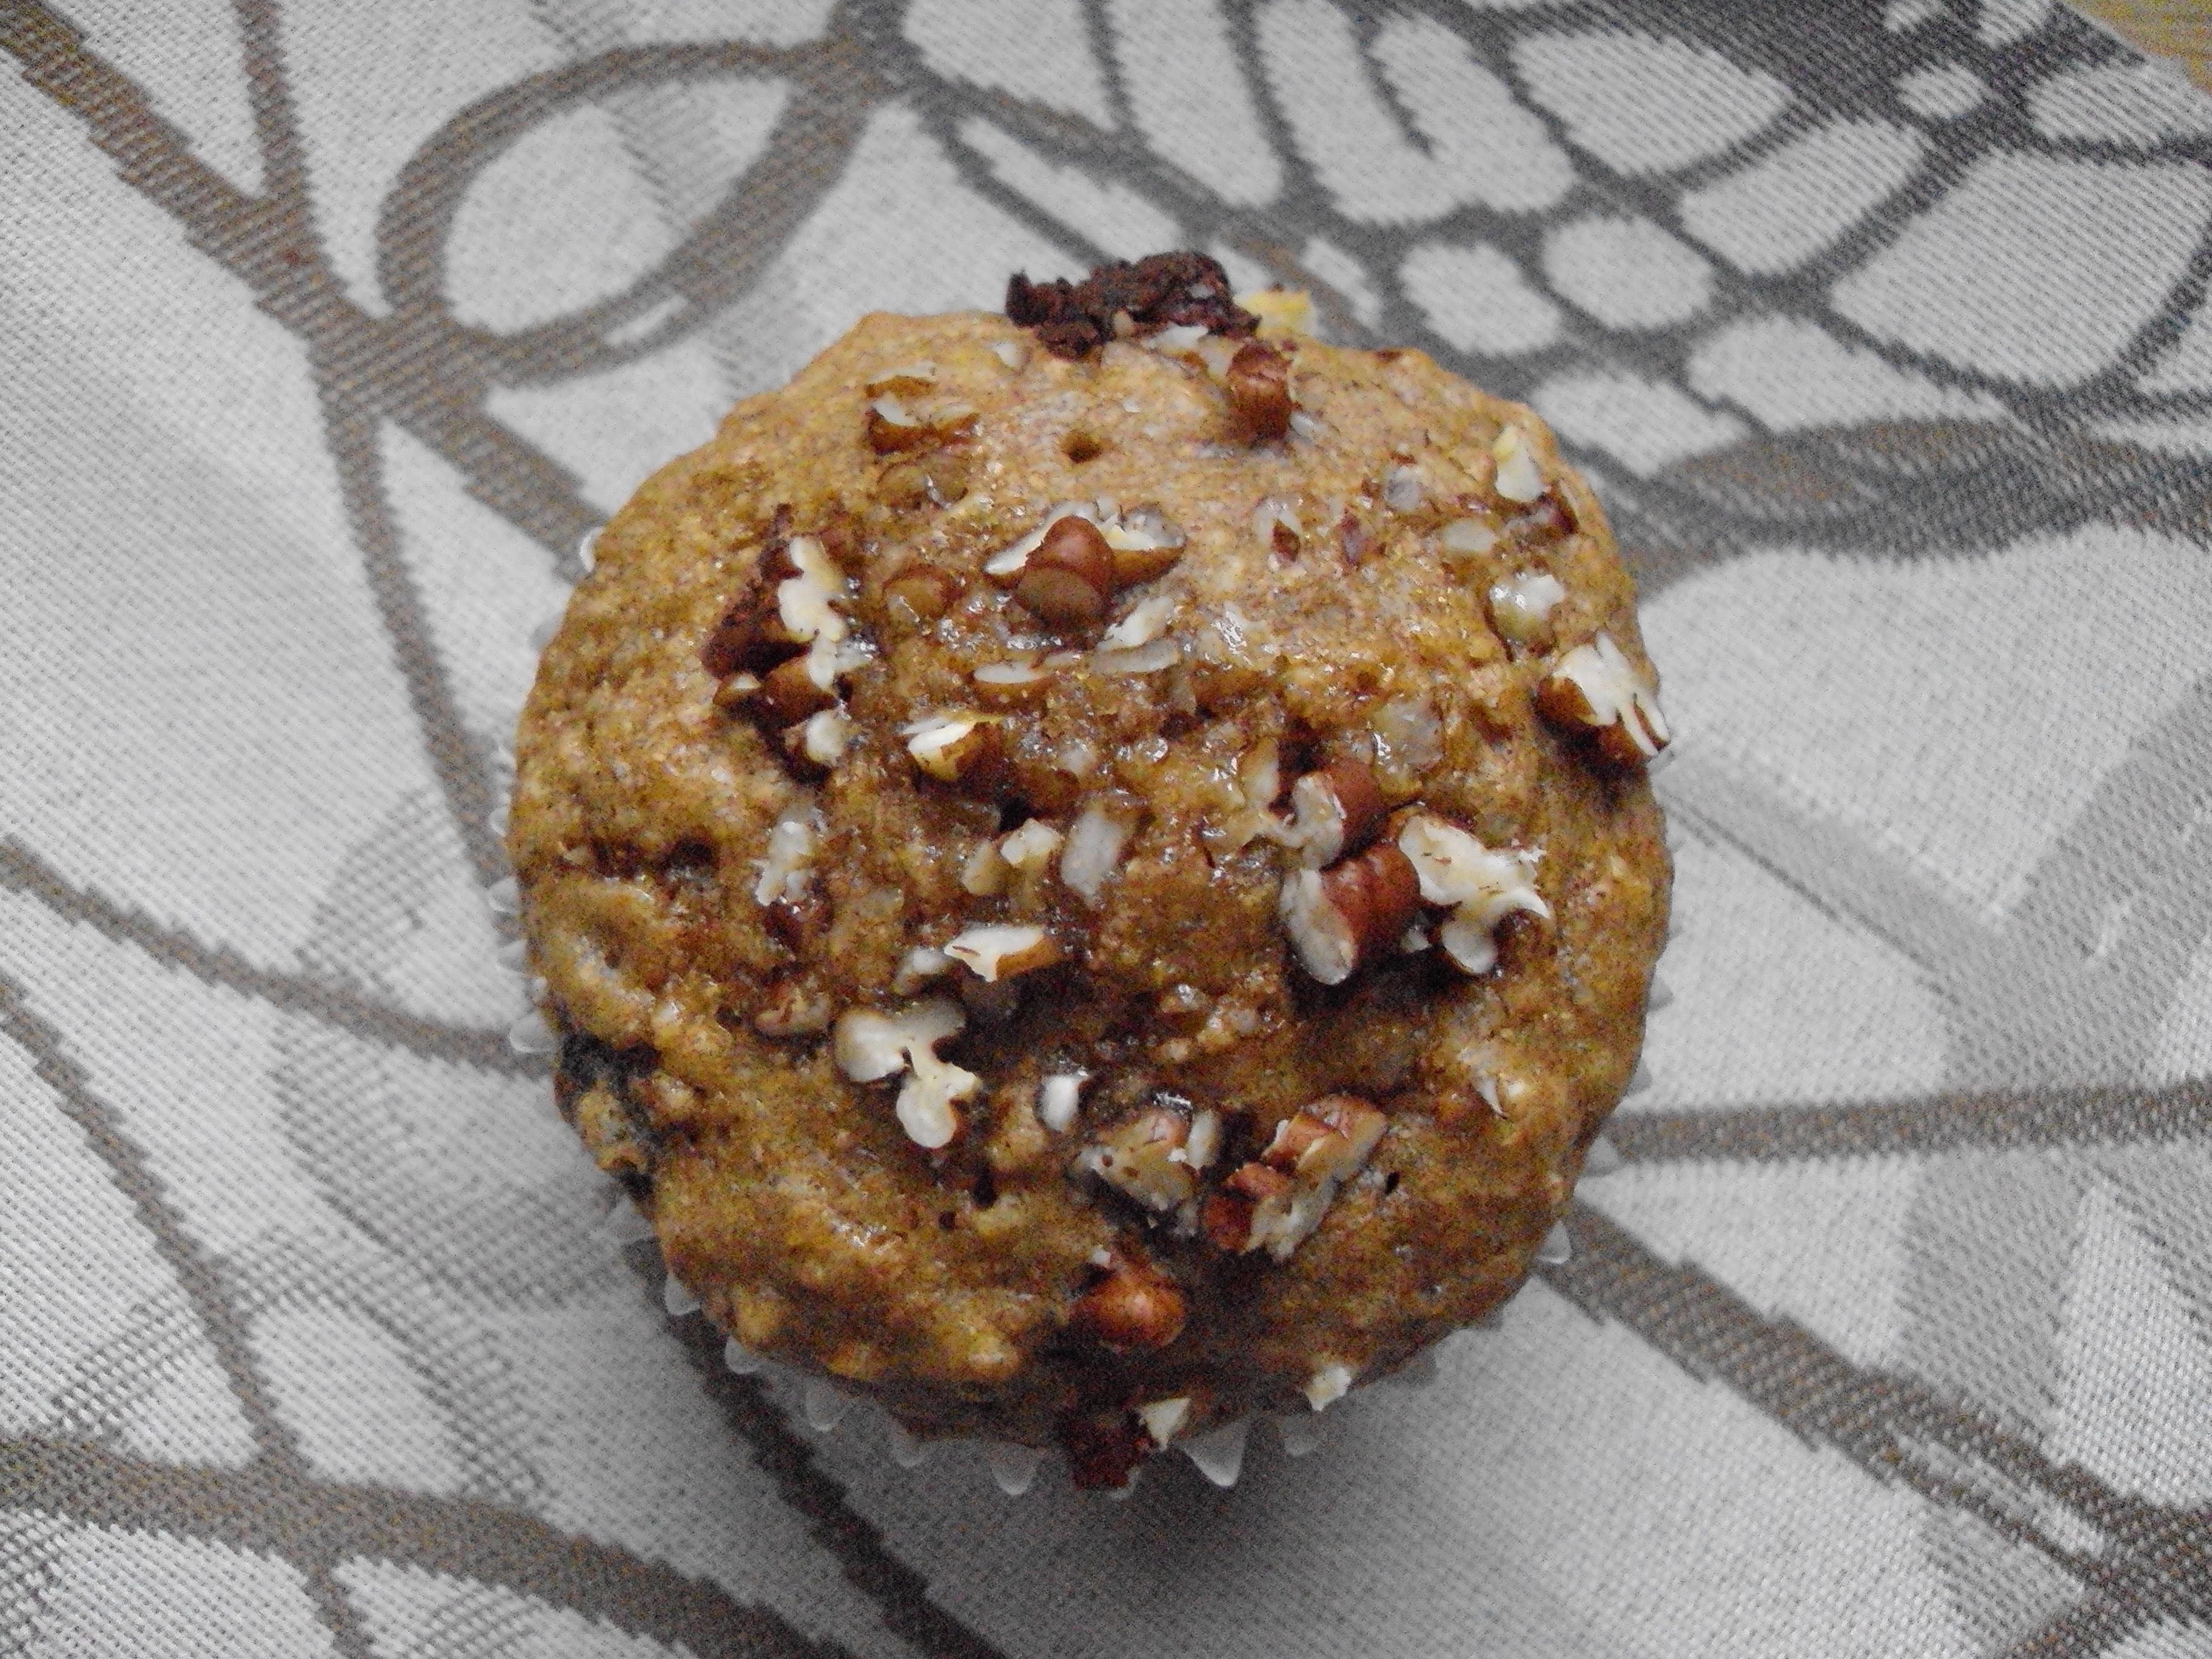 banana chocolate chip muffin 001